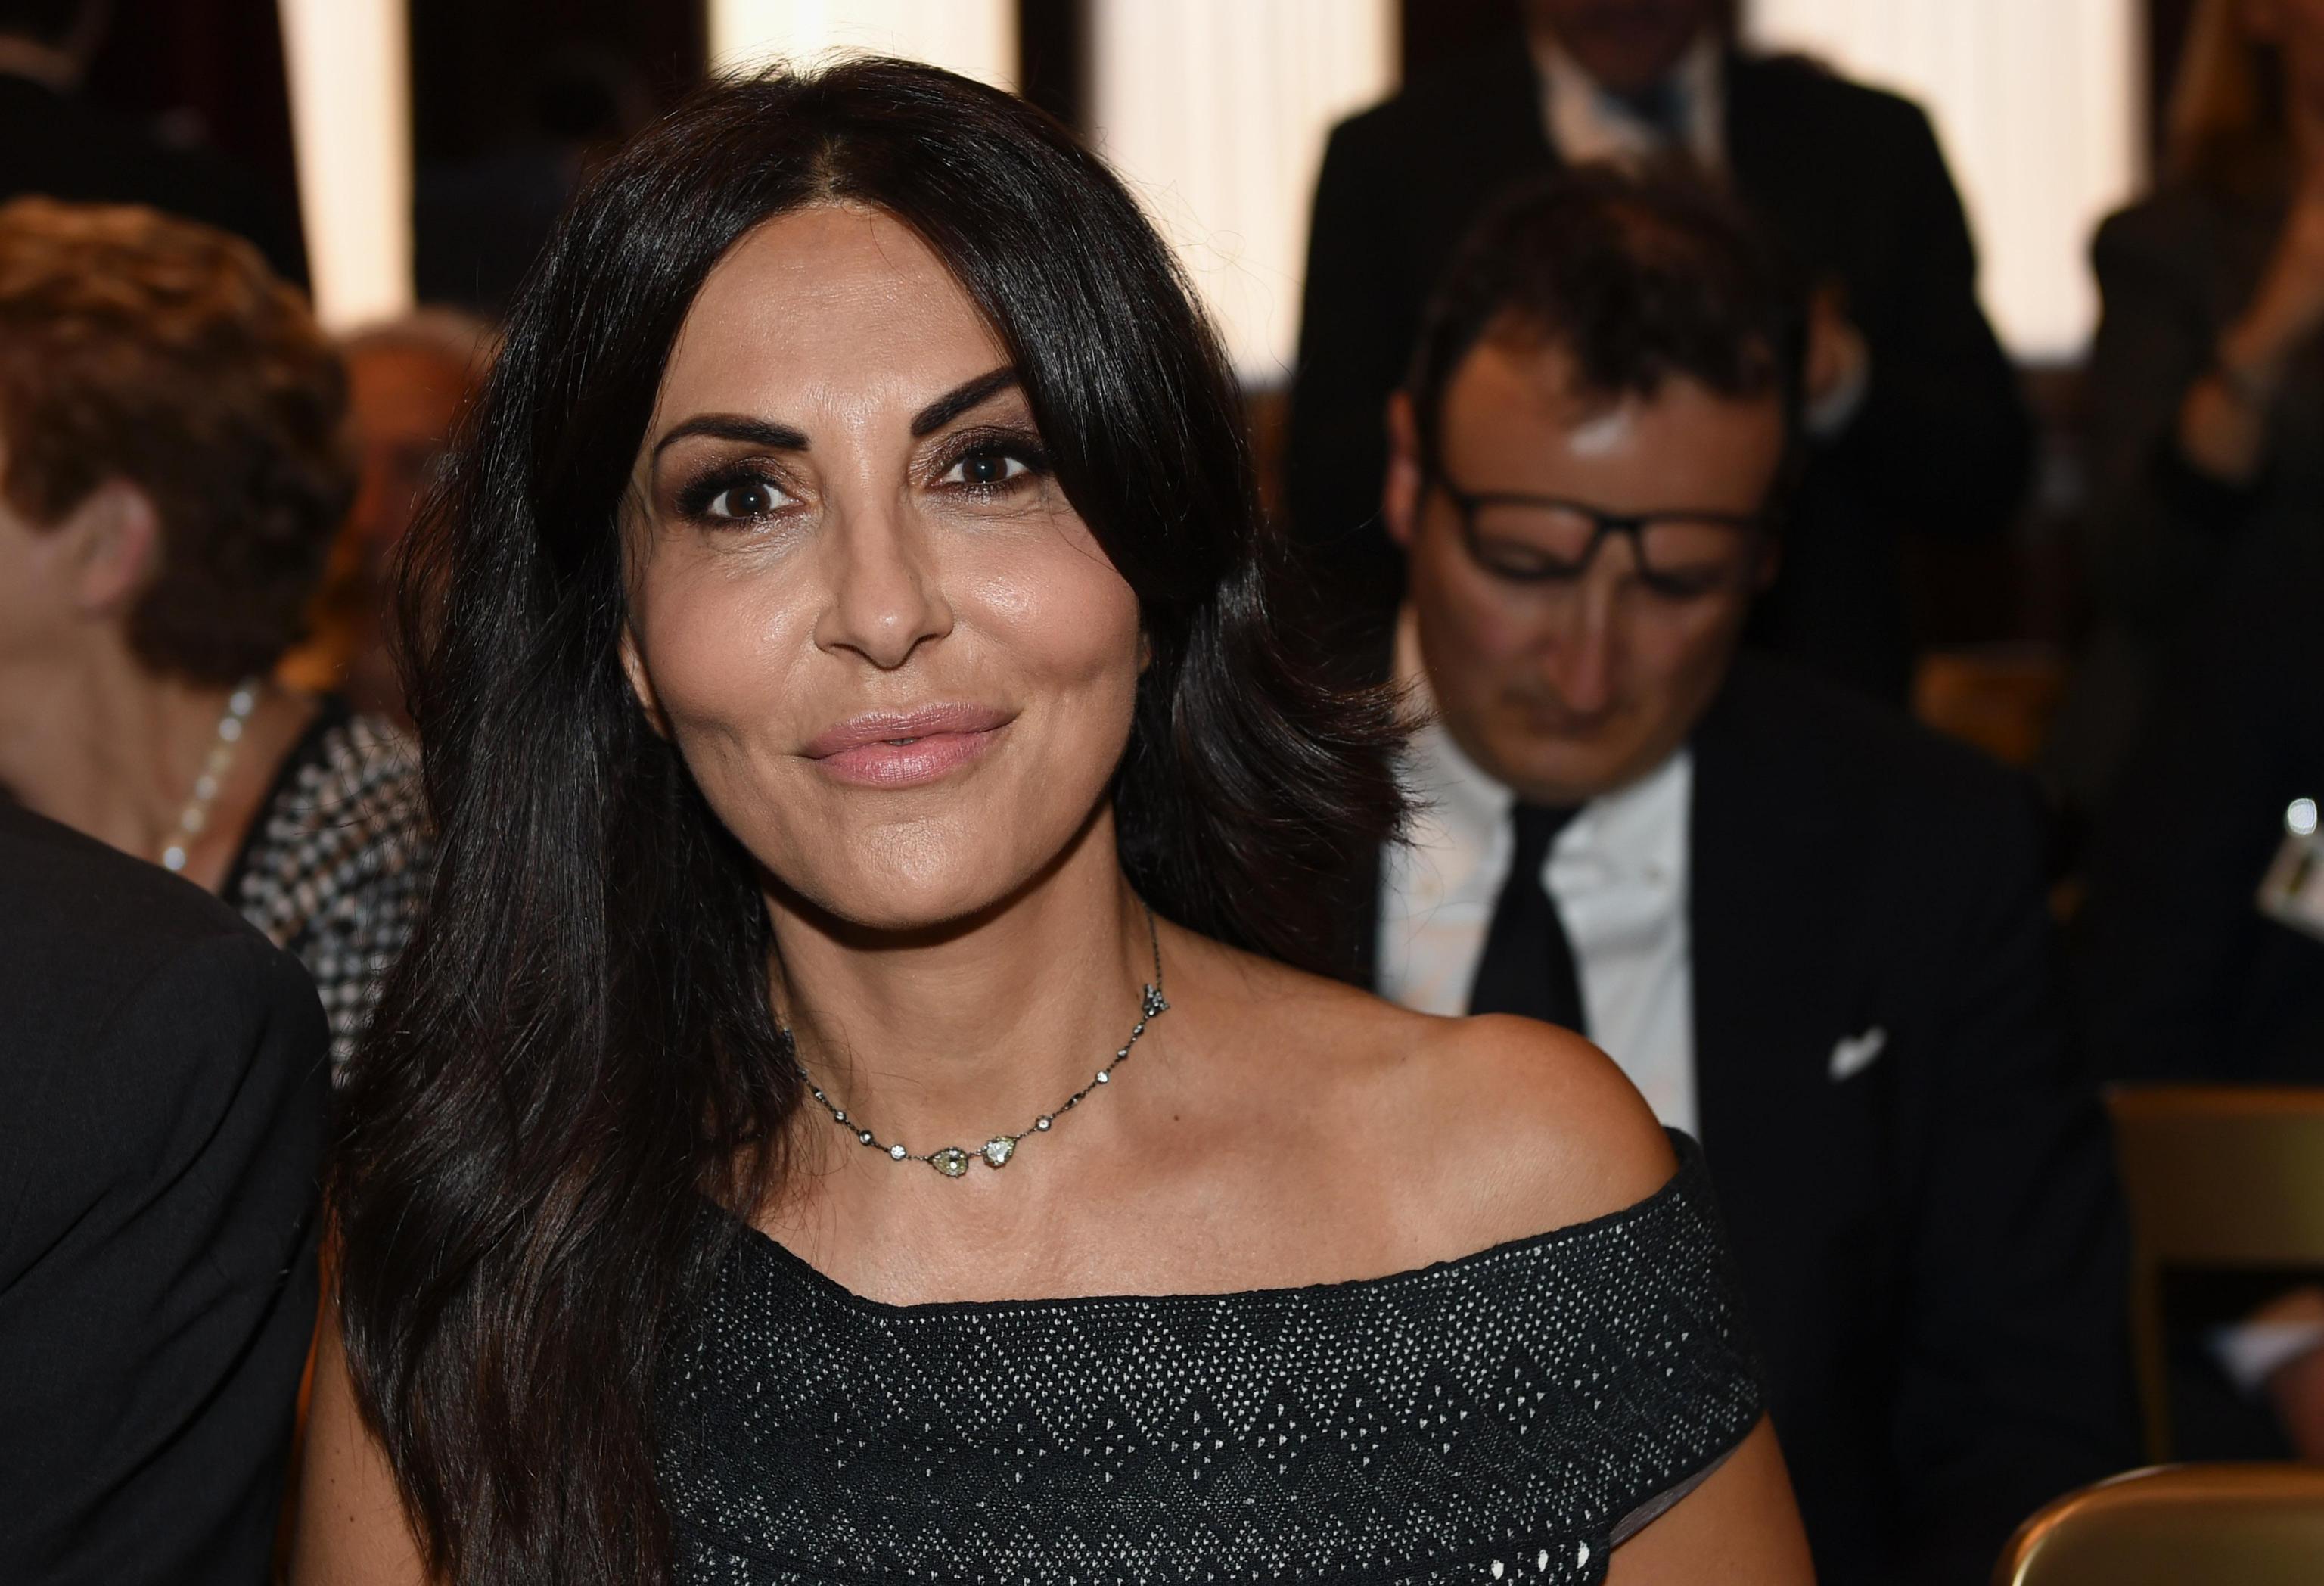 Sanremo 2018: Sabrina Ferilli, Miriam Leone e Ilaria D'Amico vallette del Festival?